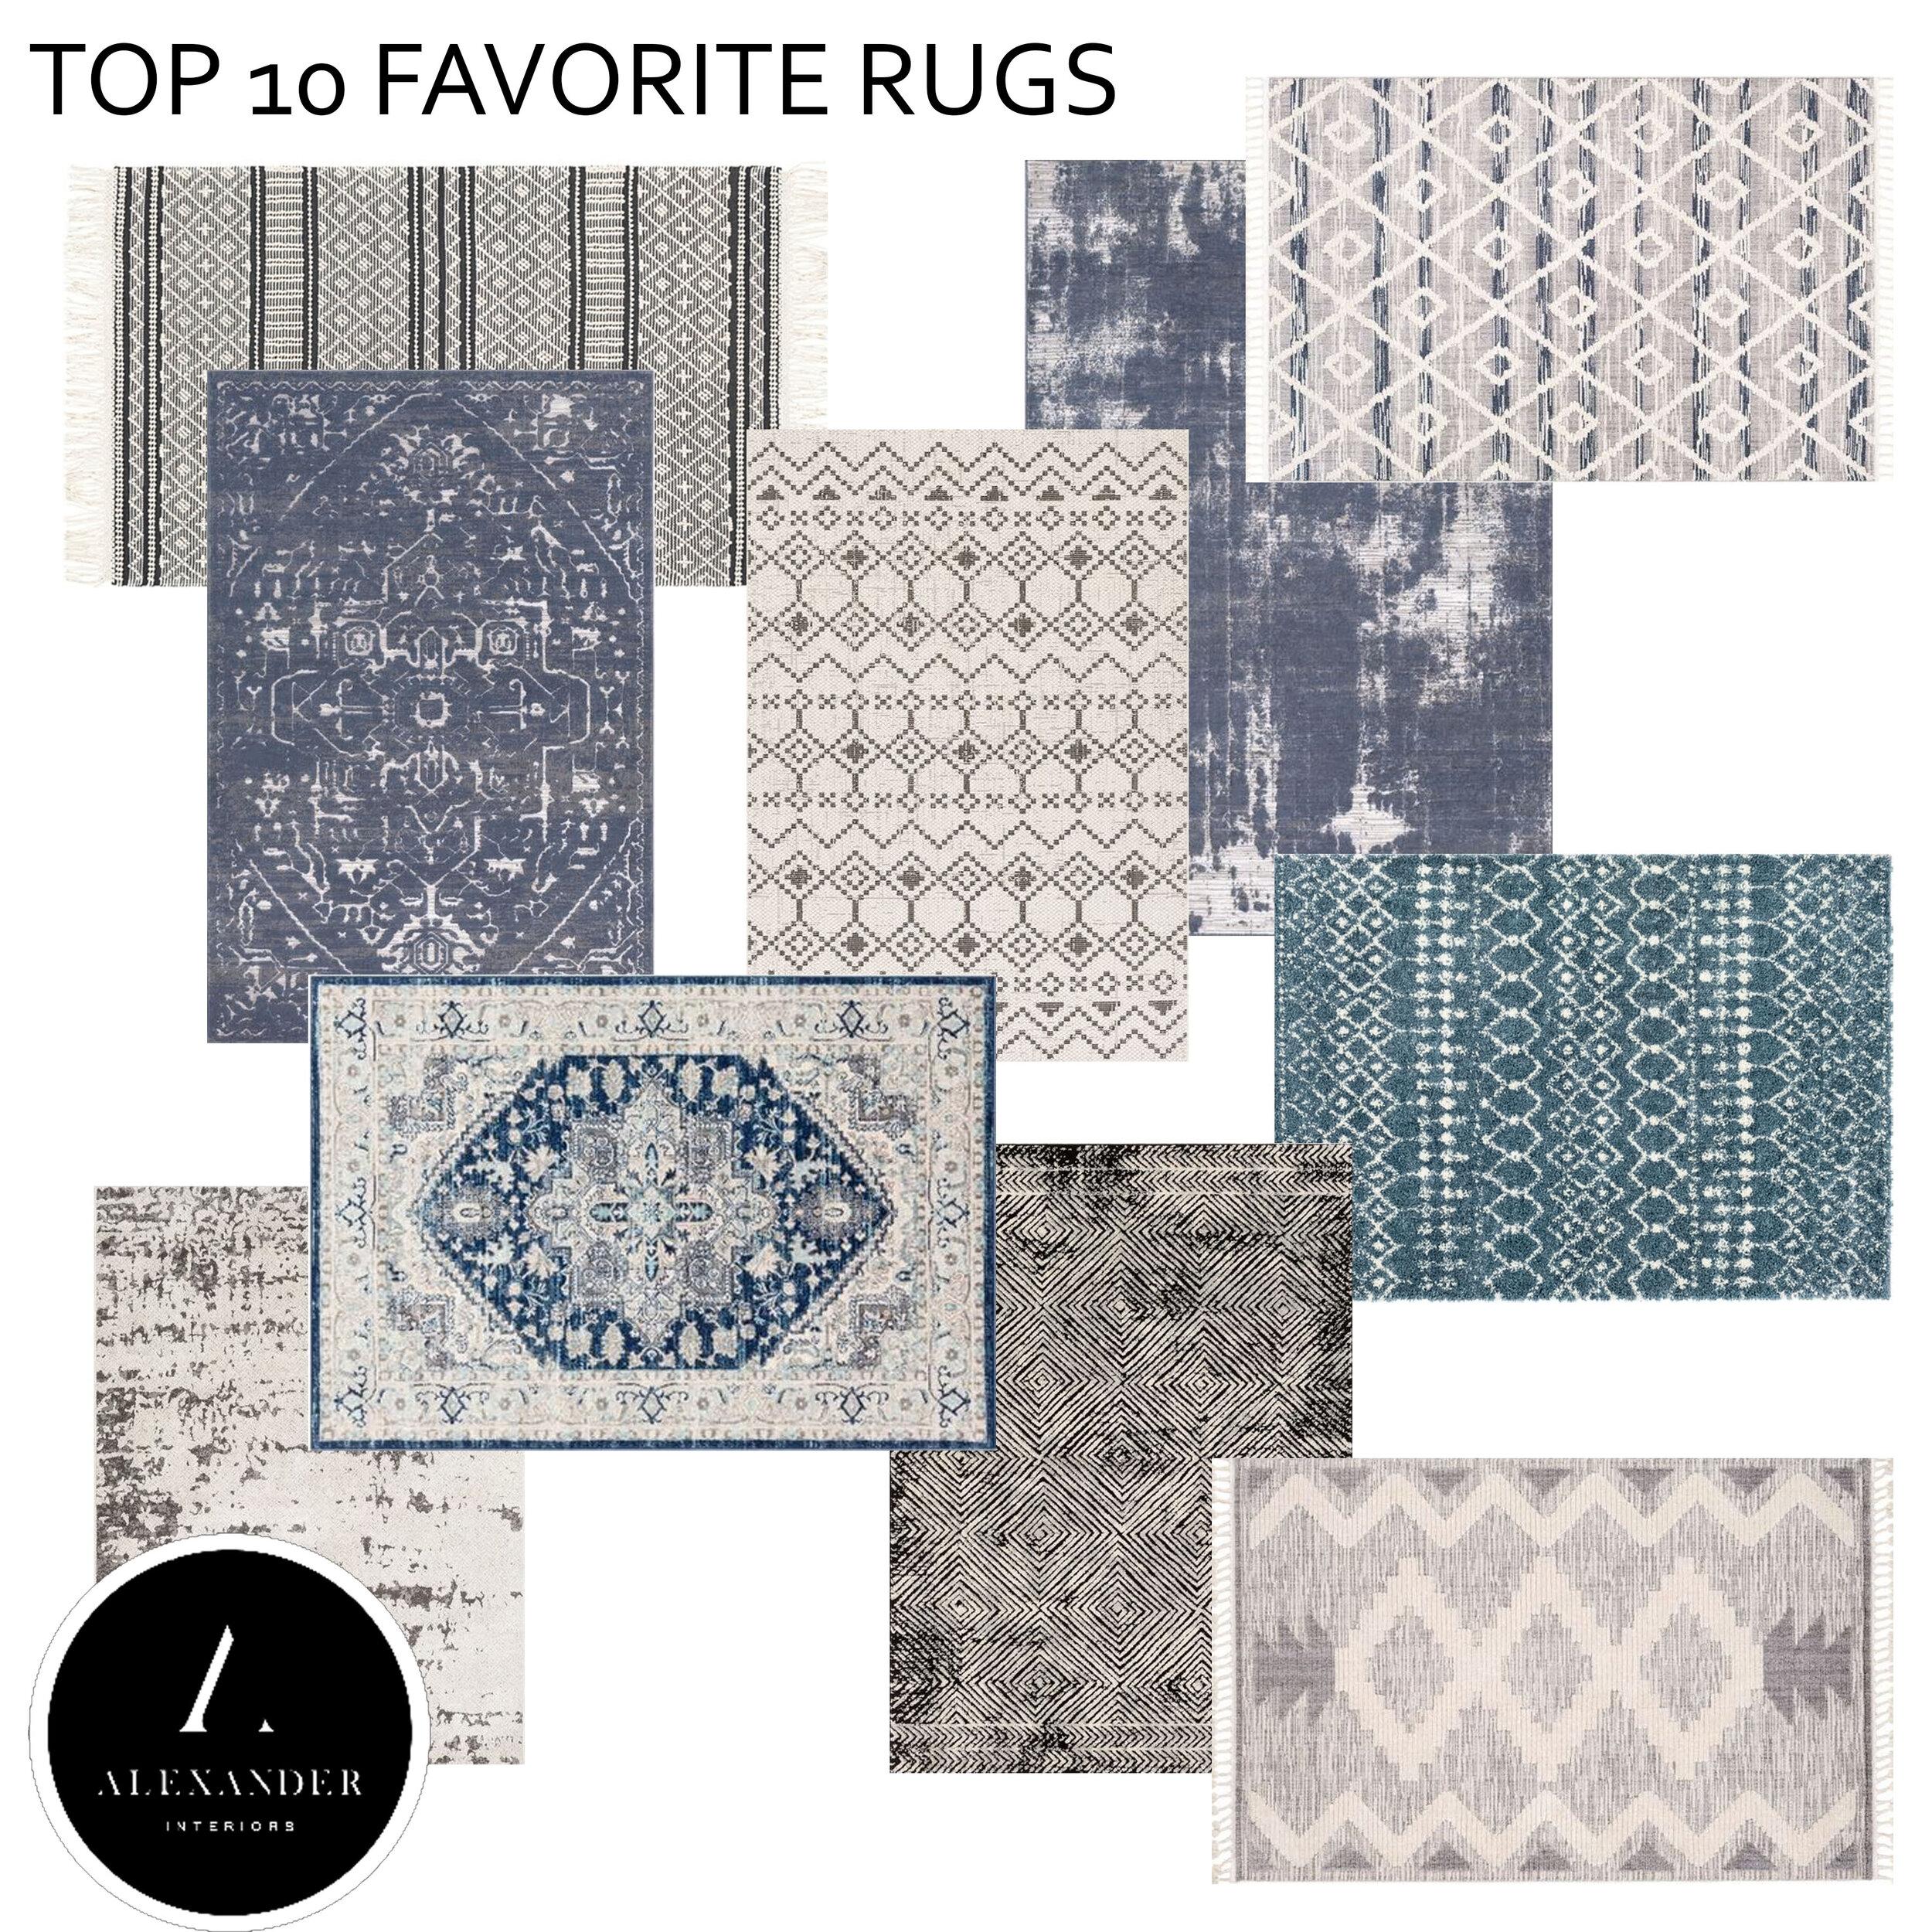 TOP 10 RUGS.jpg